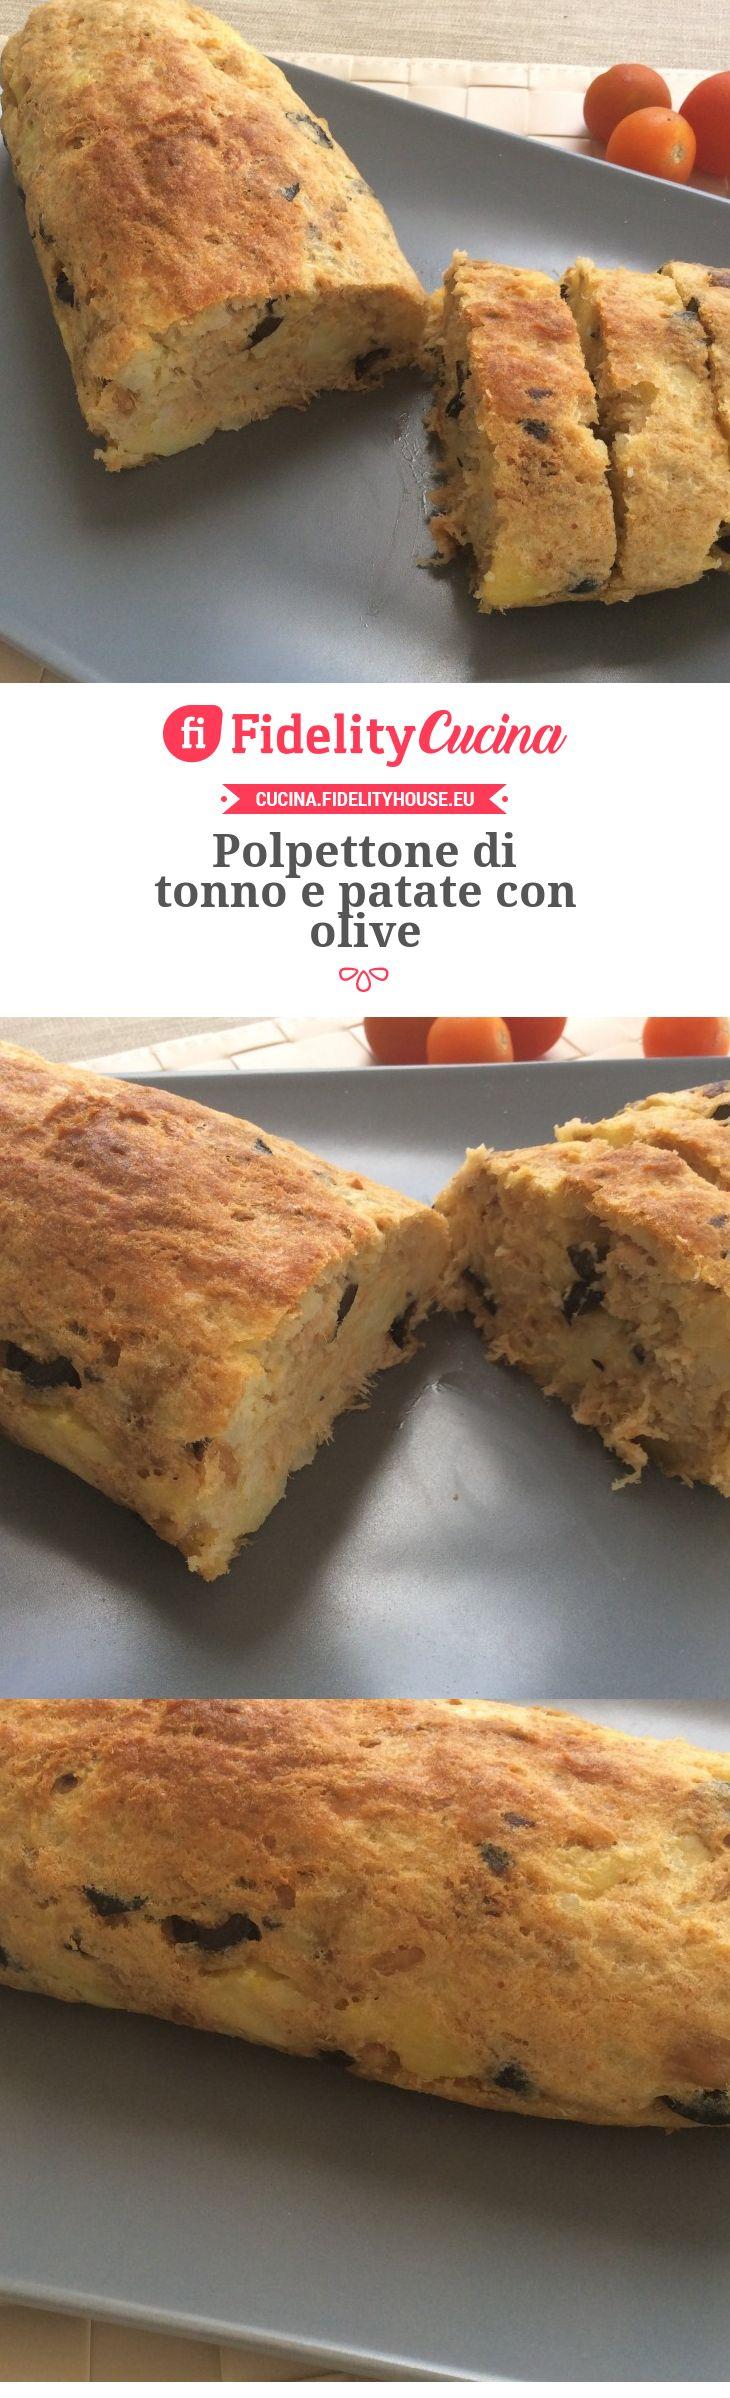 Polpettone di tonno e patate con olive